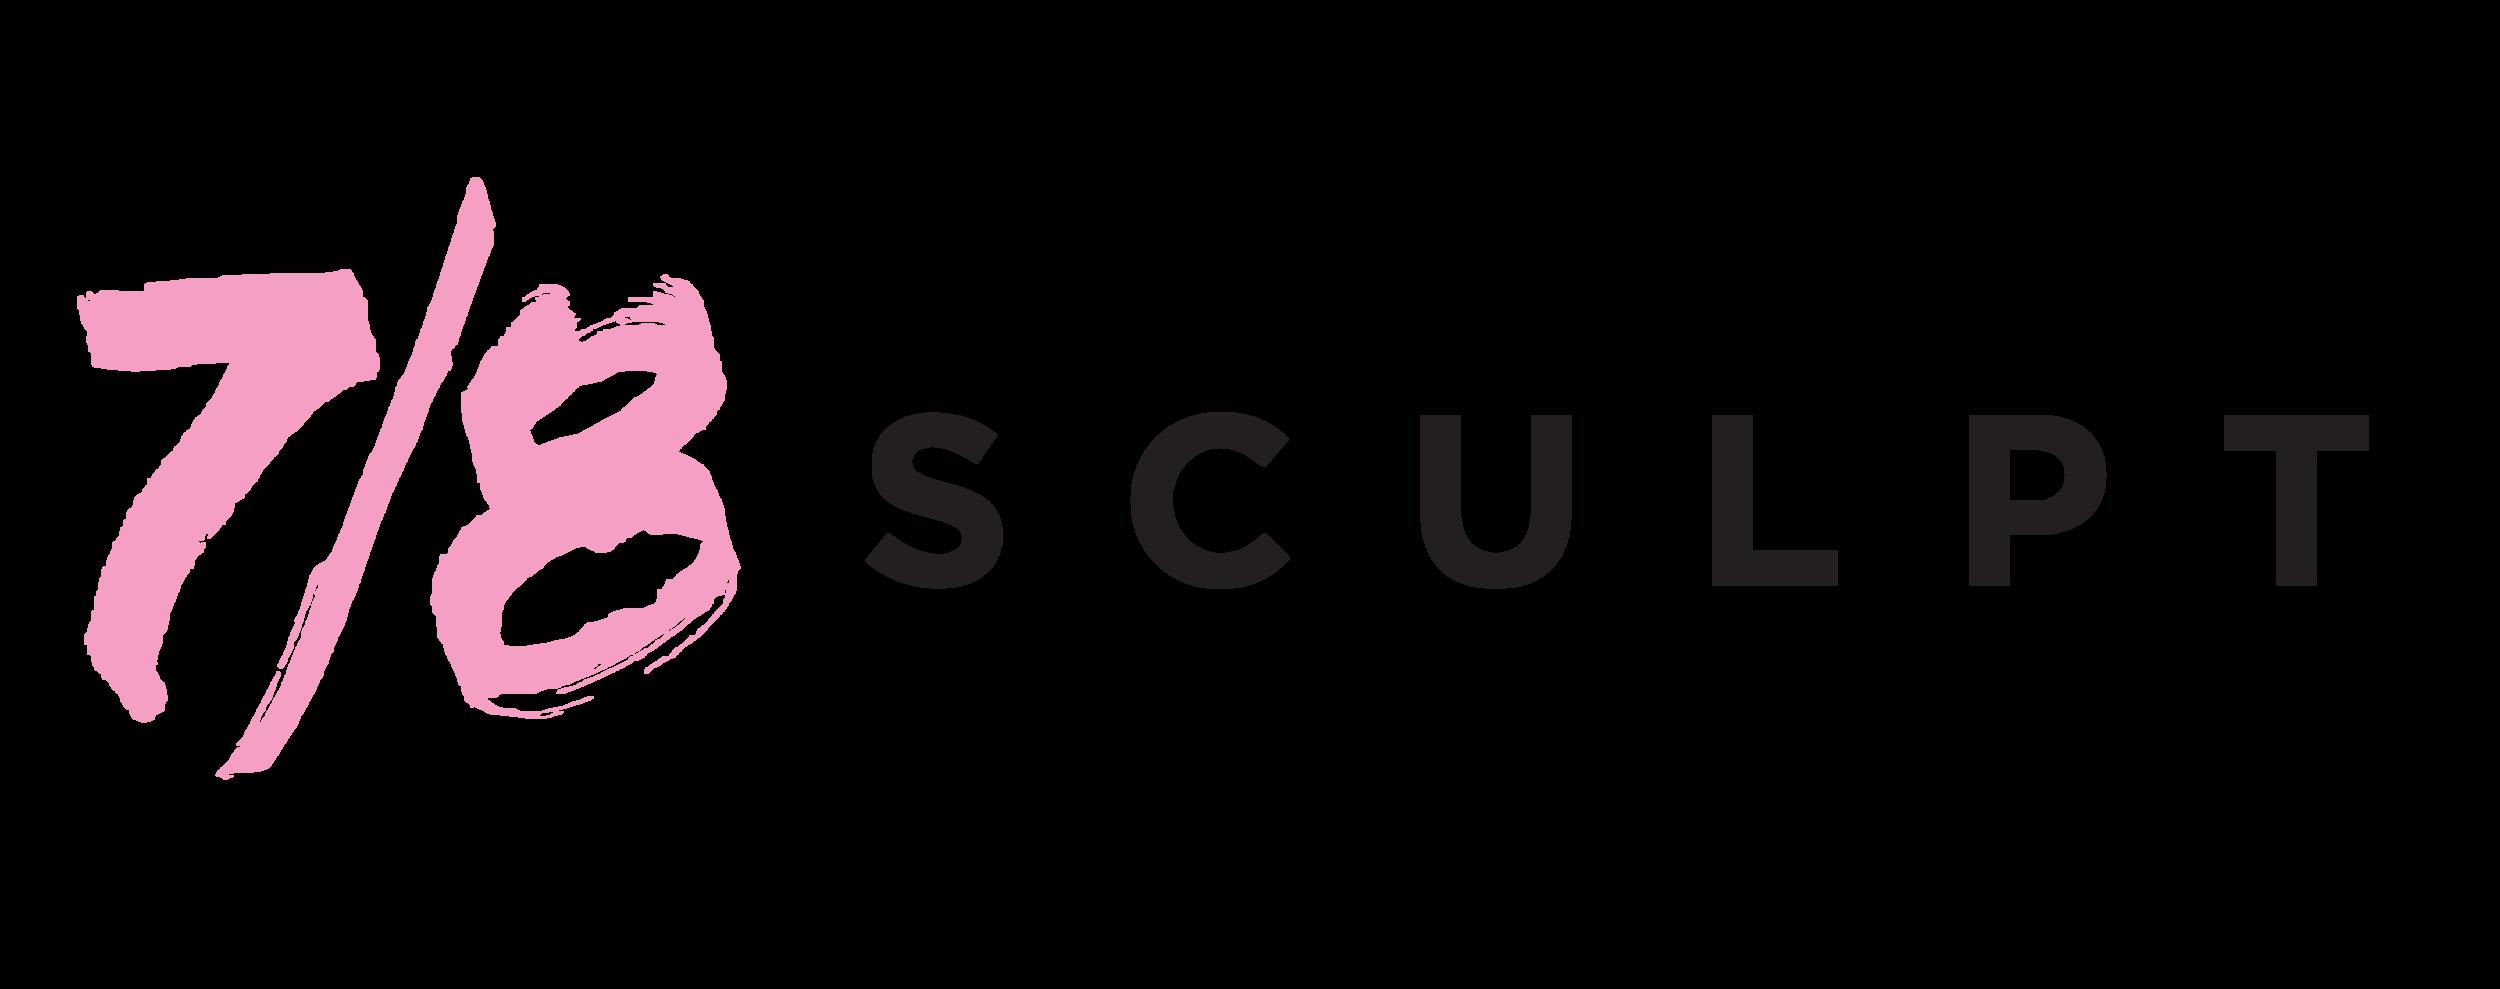 Sculpt - body weight